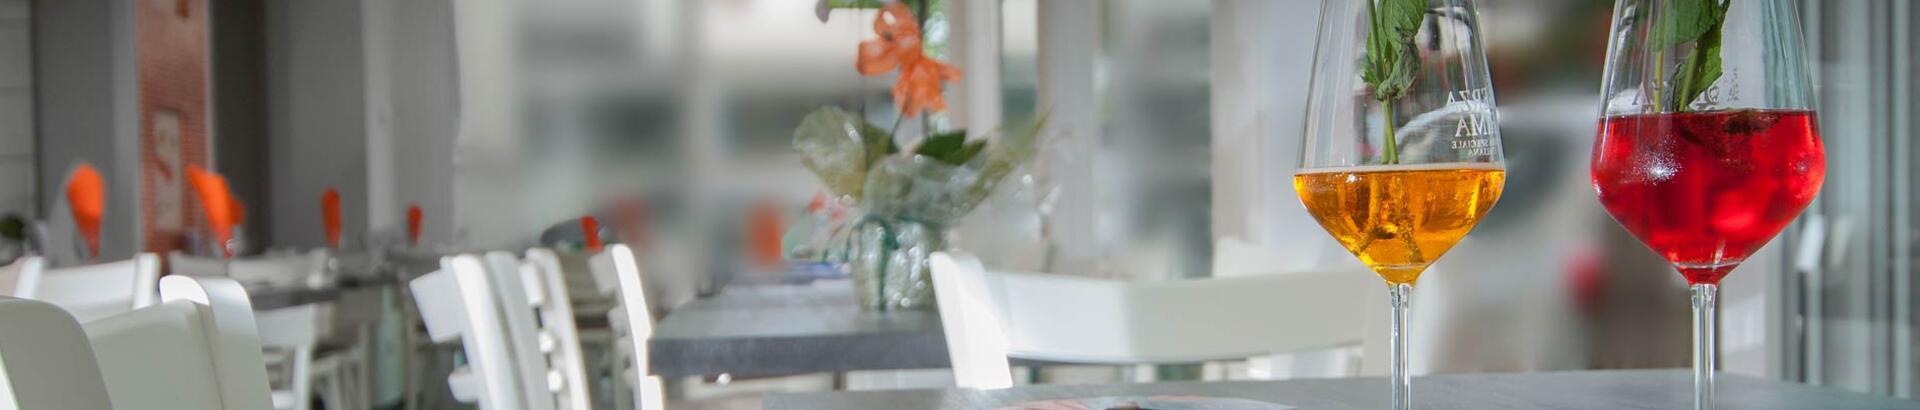 hotelcasablanca it 1-it-315972-offerta-settembre-in-hotel-vicino-al-mare-a-rimini 004